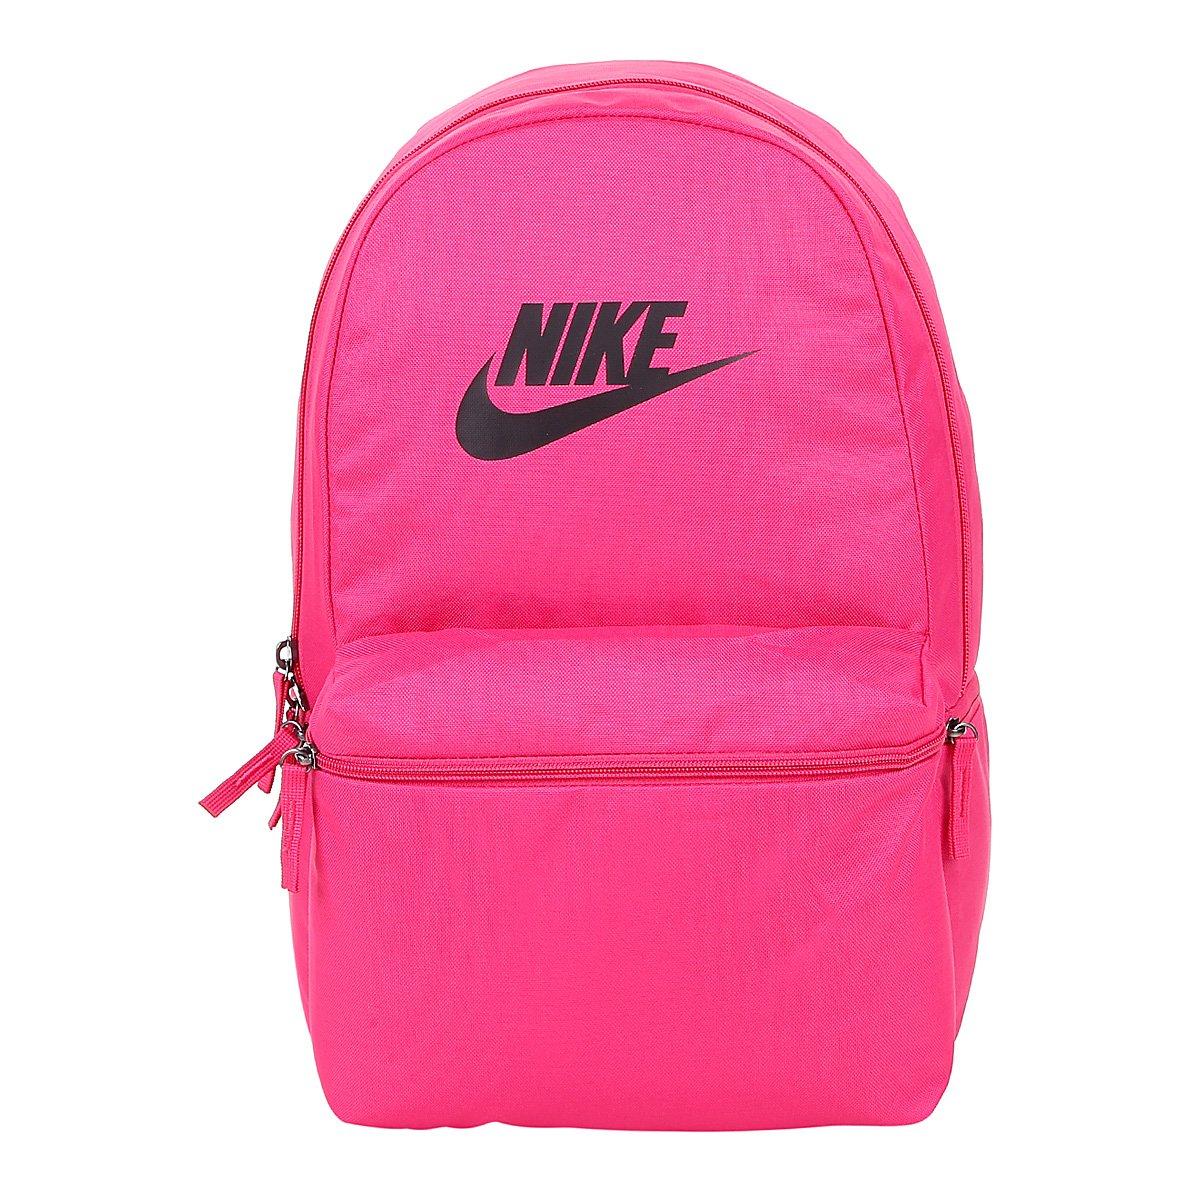 Bkpk Nike Mochila Heritage Mochila Heritage Pink Nike Bkpk 8w0OPNnkX